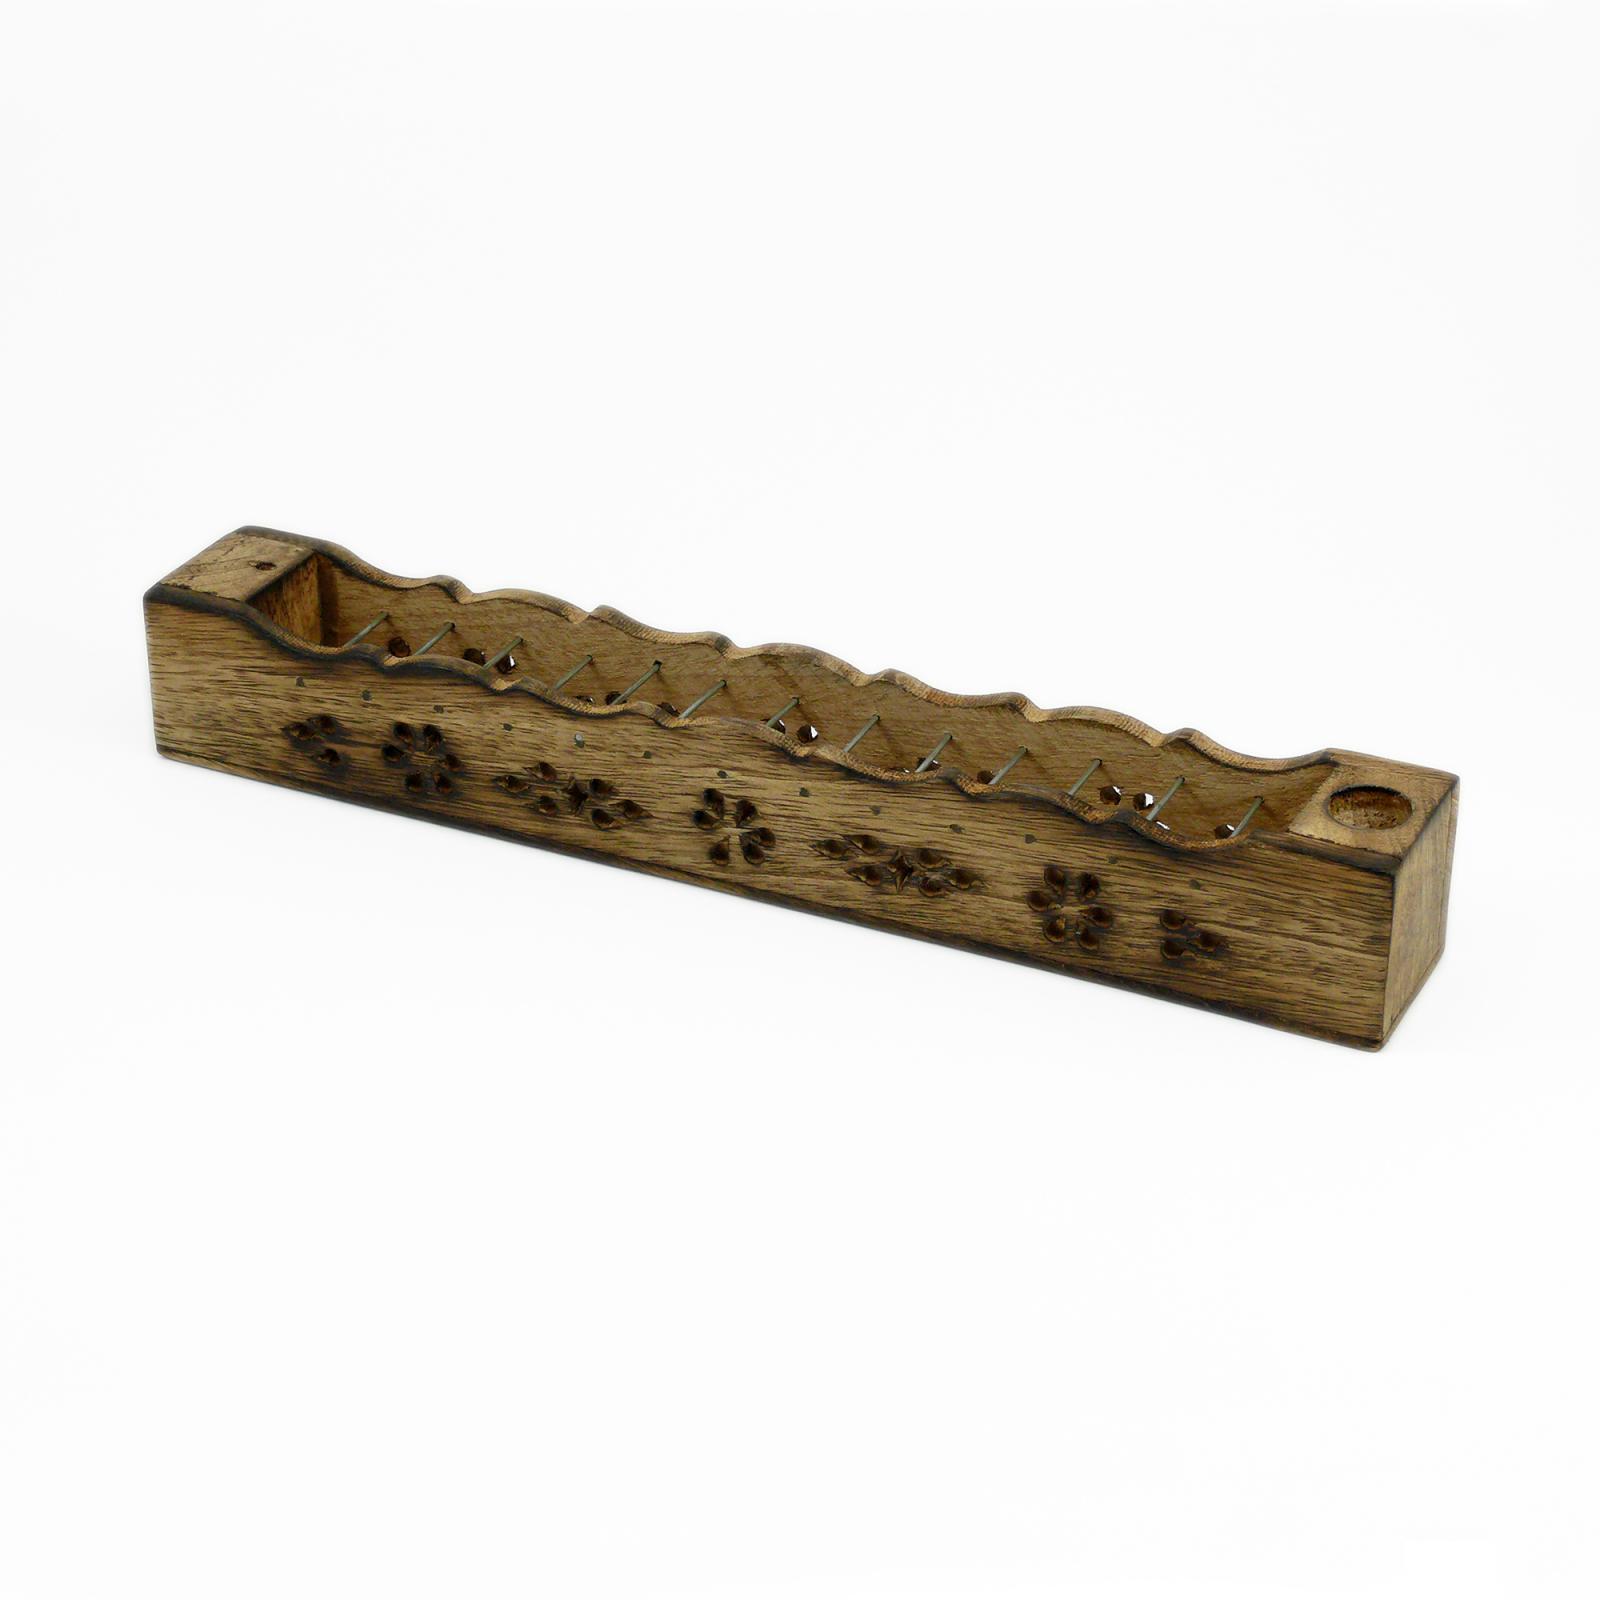 ostatní Stojánek dřevěný na tyčinky a jehlánky, truhlička s dráty 1 ks